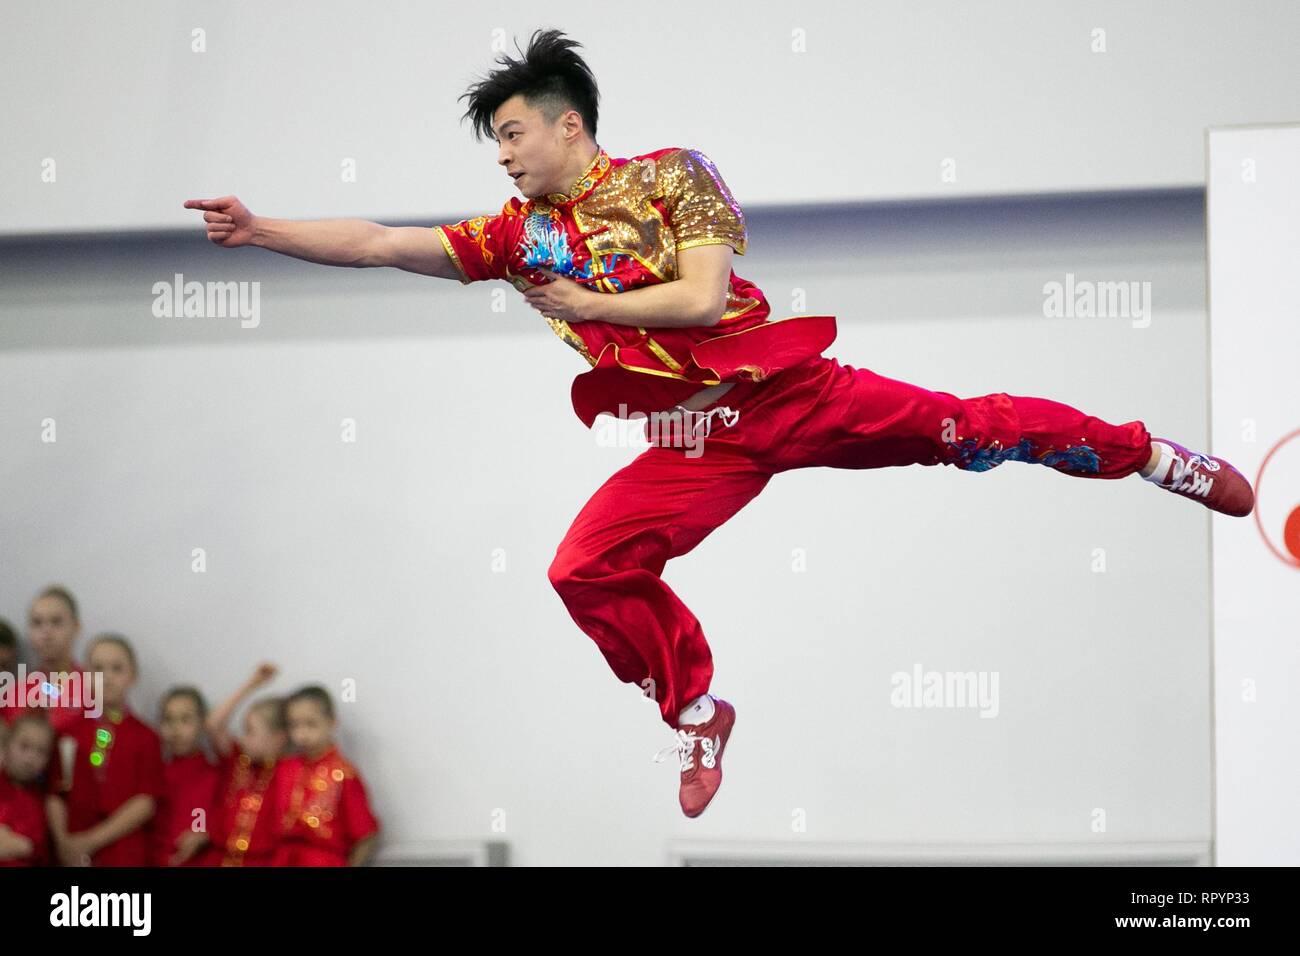 Moskau, Russland. 23 Feb, 2019. Ein Wettbewerber, der während der Eröffnungsfeier für die Moskauer Wushu Sterne 2019 Wettbewerb in Moskau, Russland, Jan. 23, 2019. Credit: Bai Xueqi/Xinhua/Alamy leben Nachrichten Stockfoto